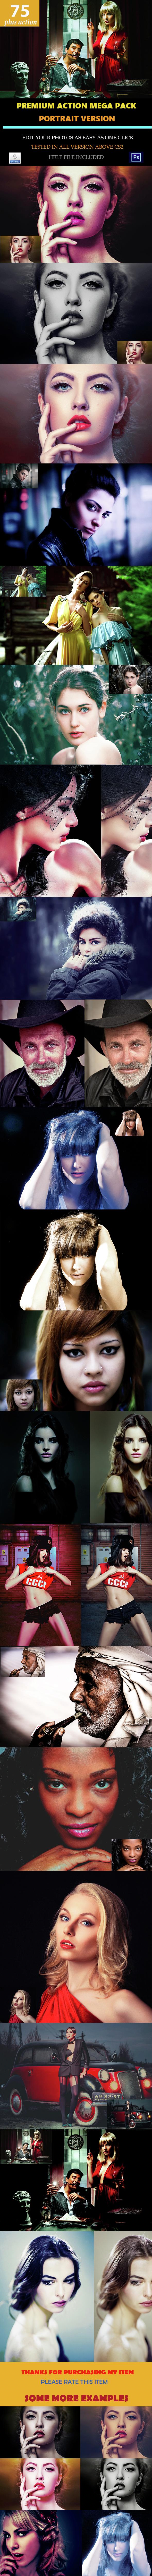 Premium Portrait Mega Action Set - Photo Effects Actions